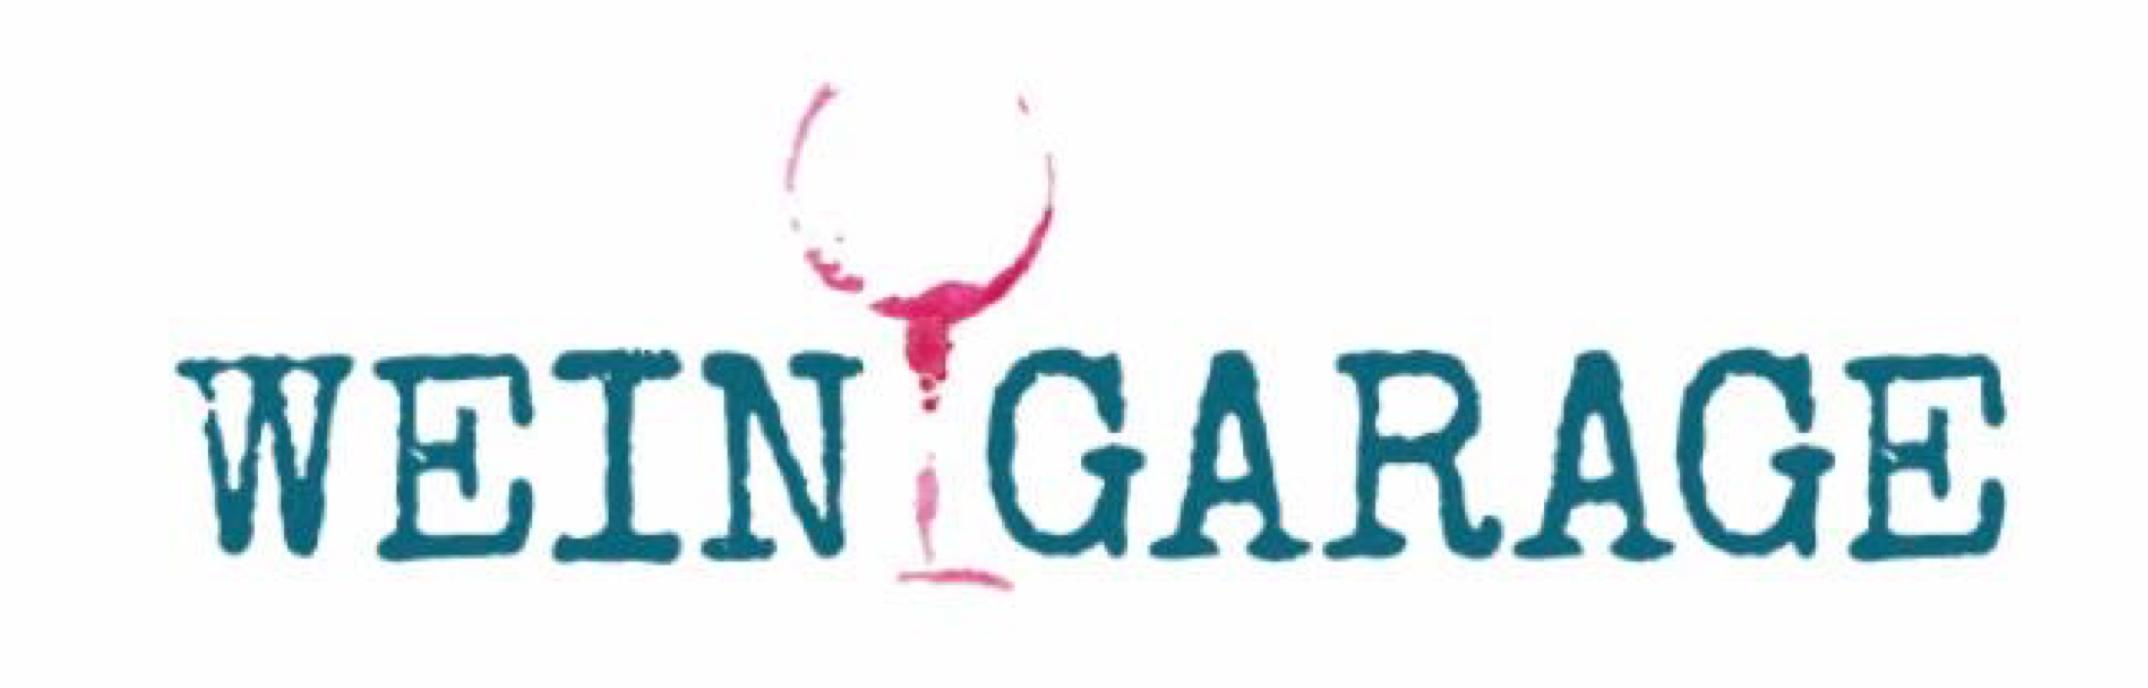 Weingarage